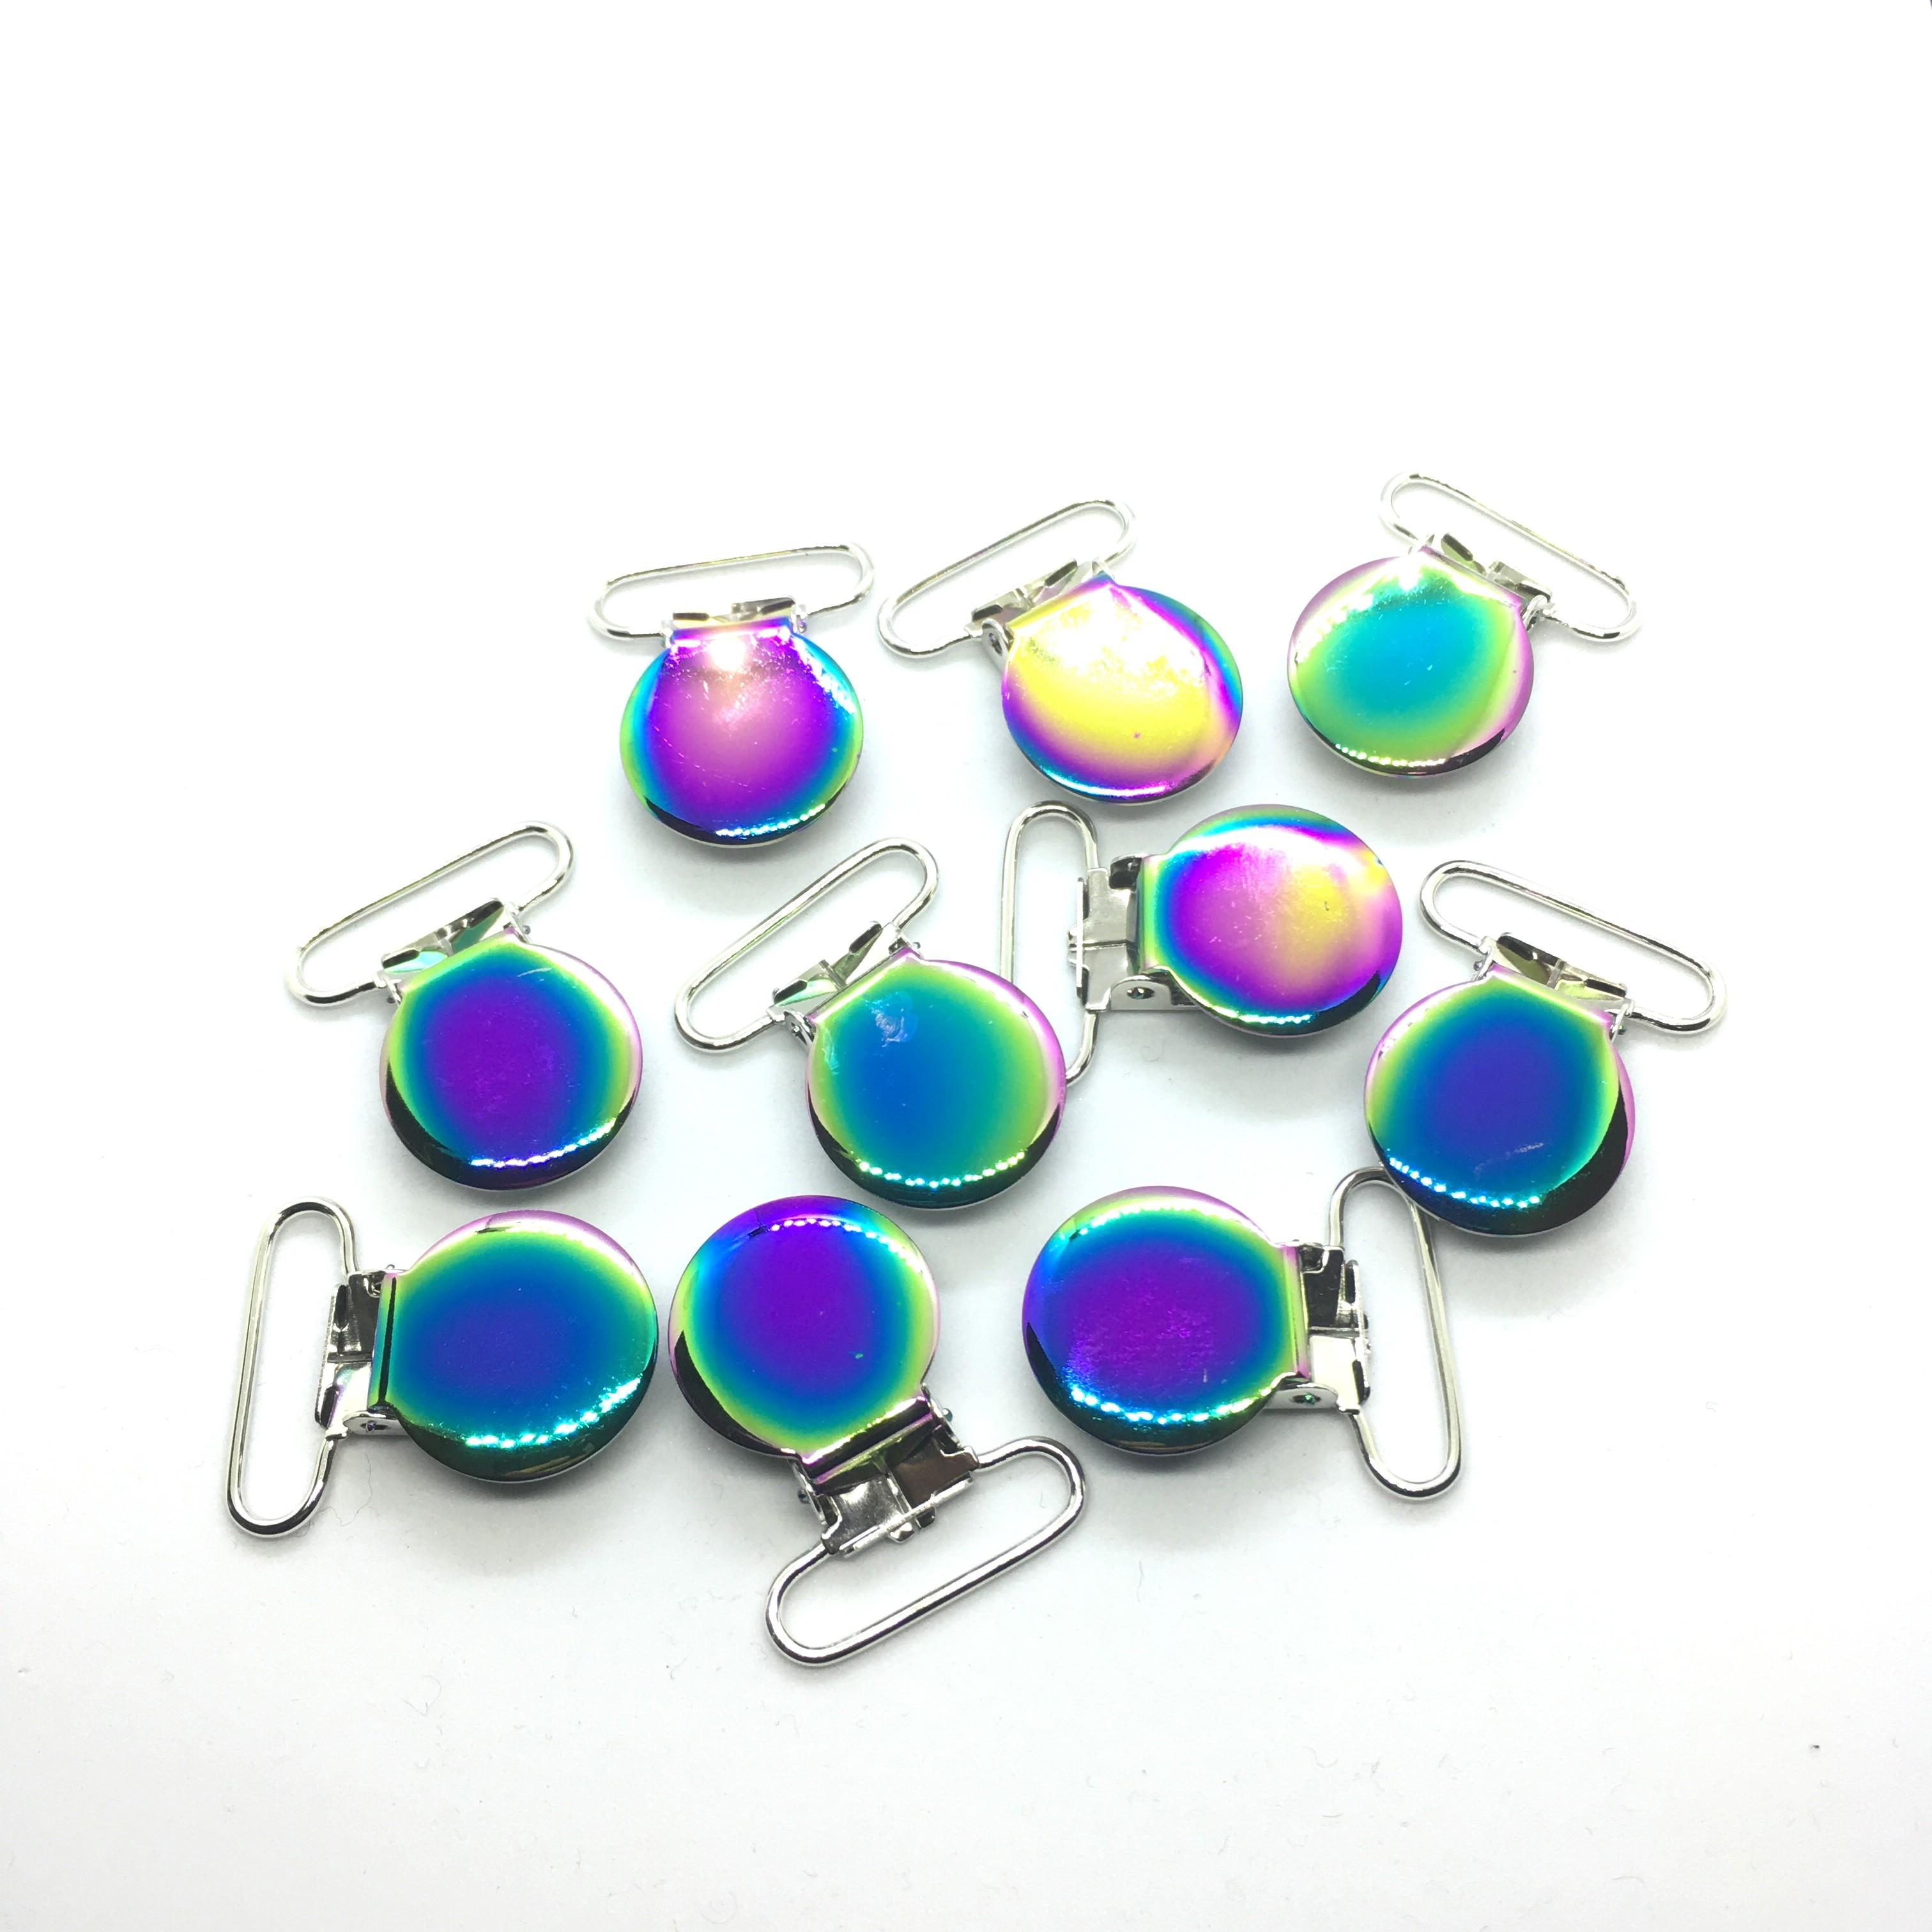 25pcs Rainbow Color Pacifier Clips